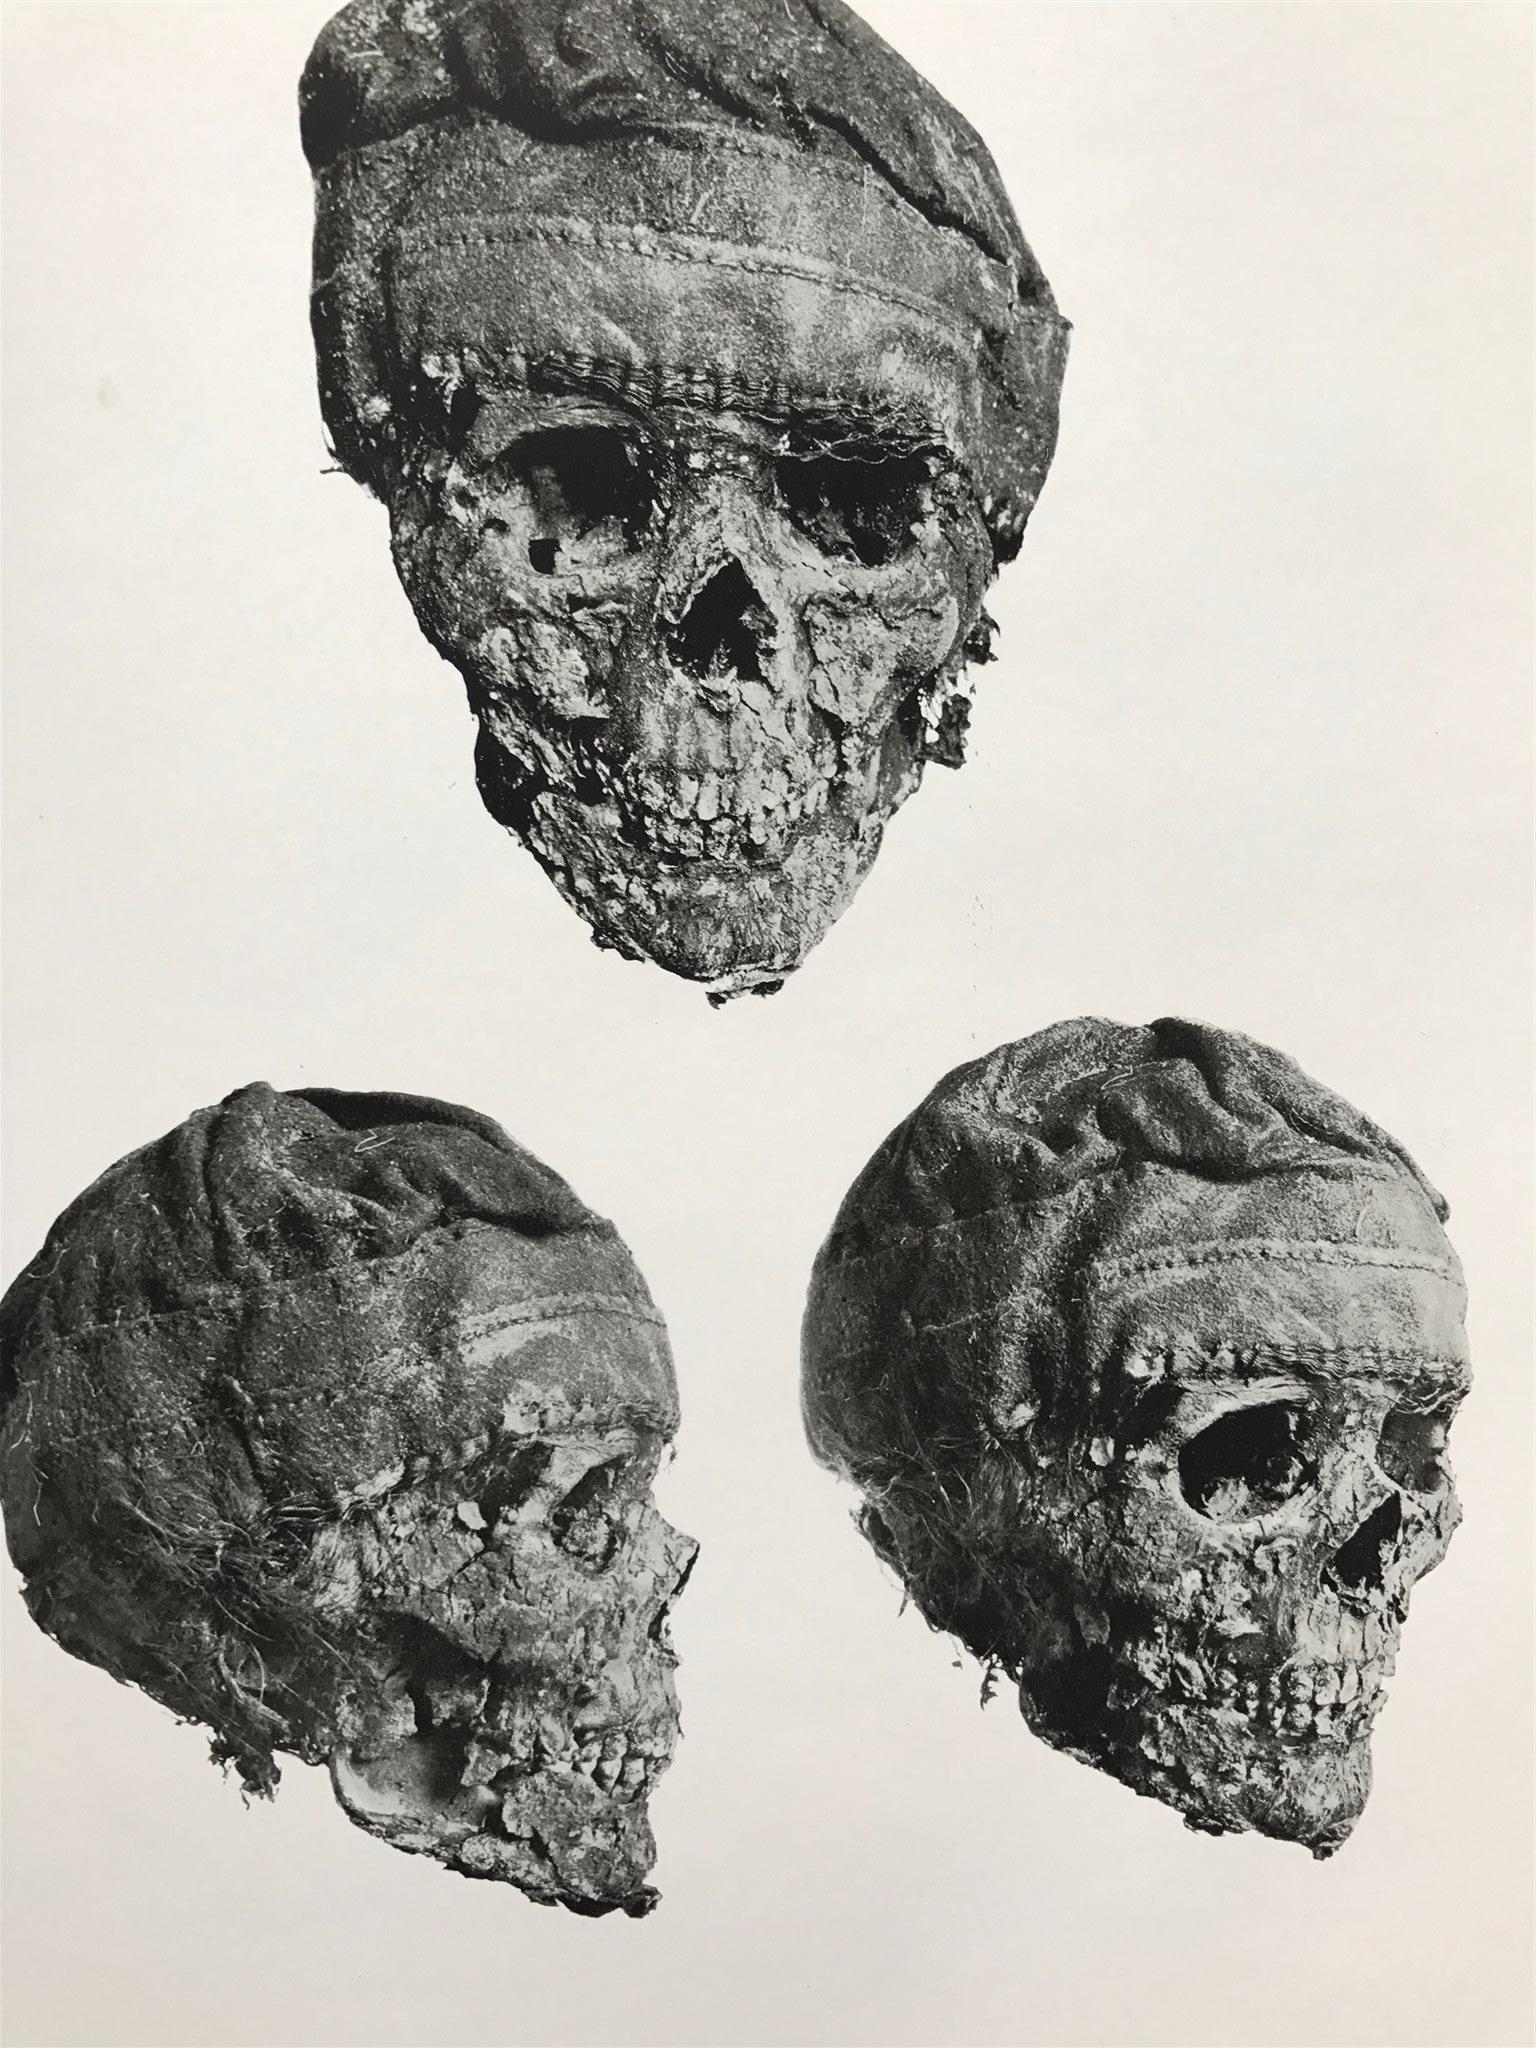 SAMER-RASBIOLOGI –ZUR OSTEOLOGIE DER LAPPEN [Om samer och skelettdelar] LAPPLAND